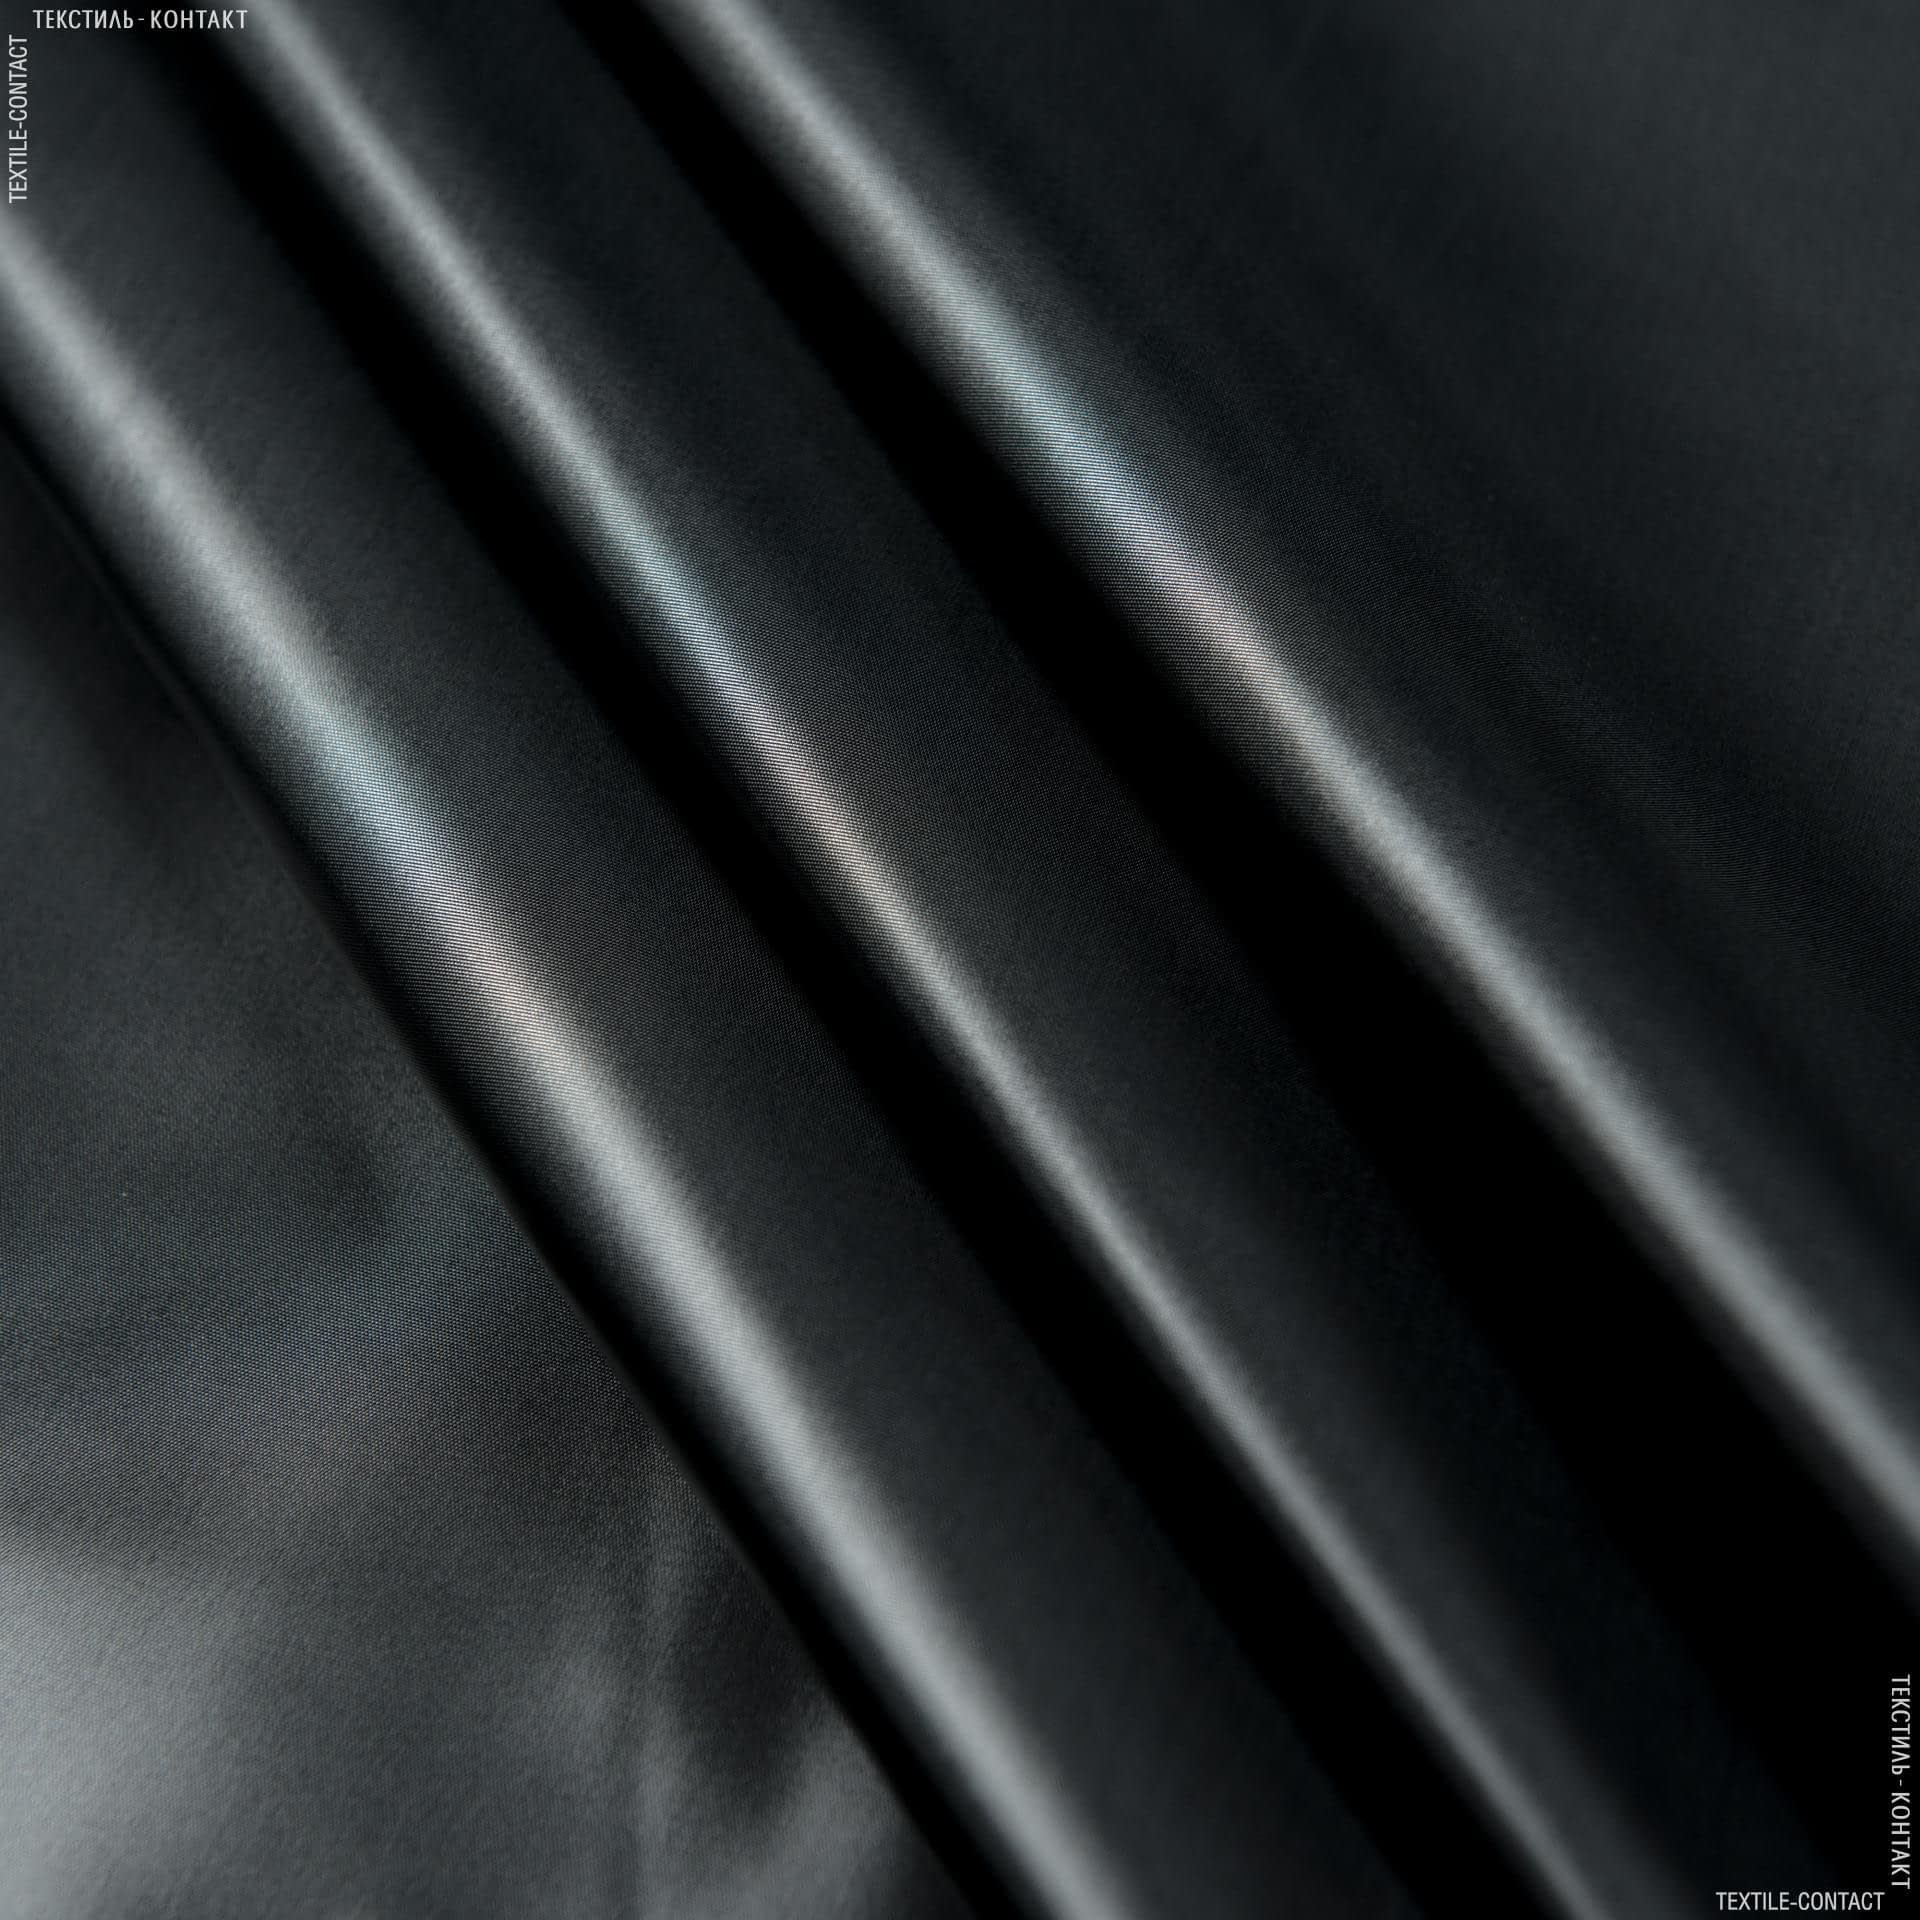 Ткани для верхней одежды - Плащевая руби лаке черный